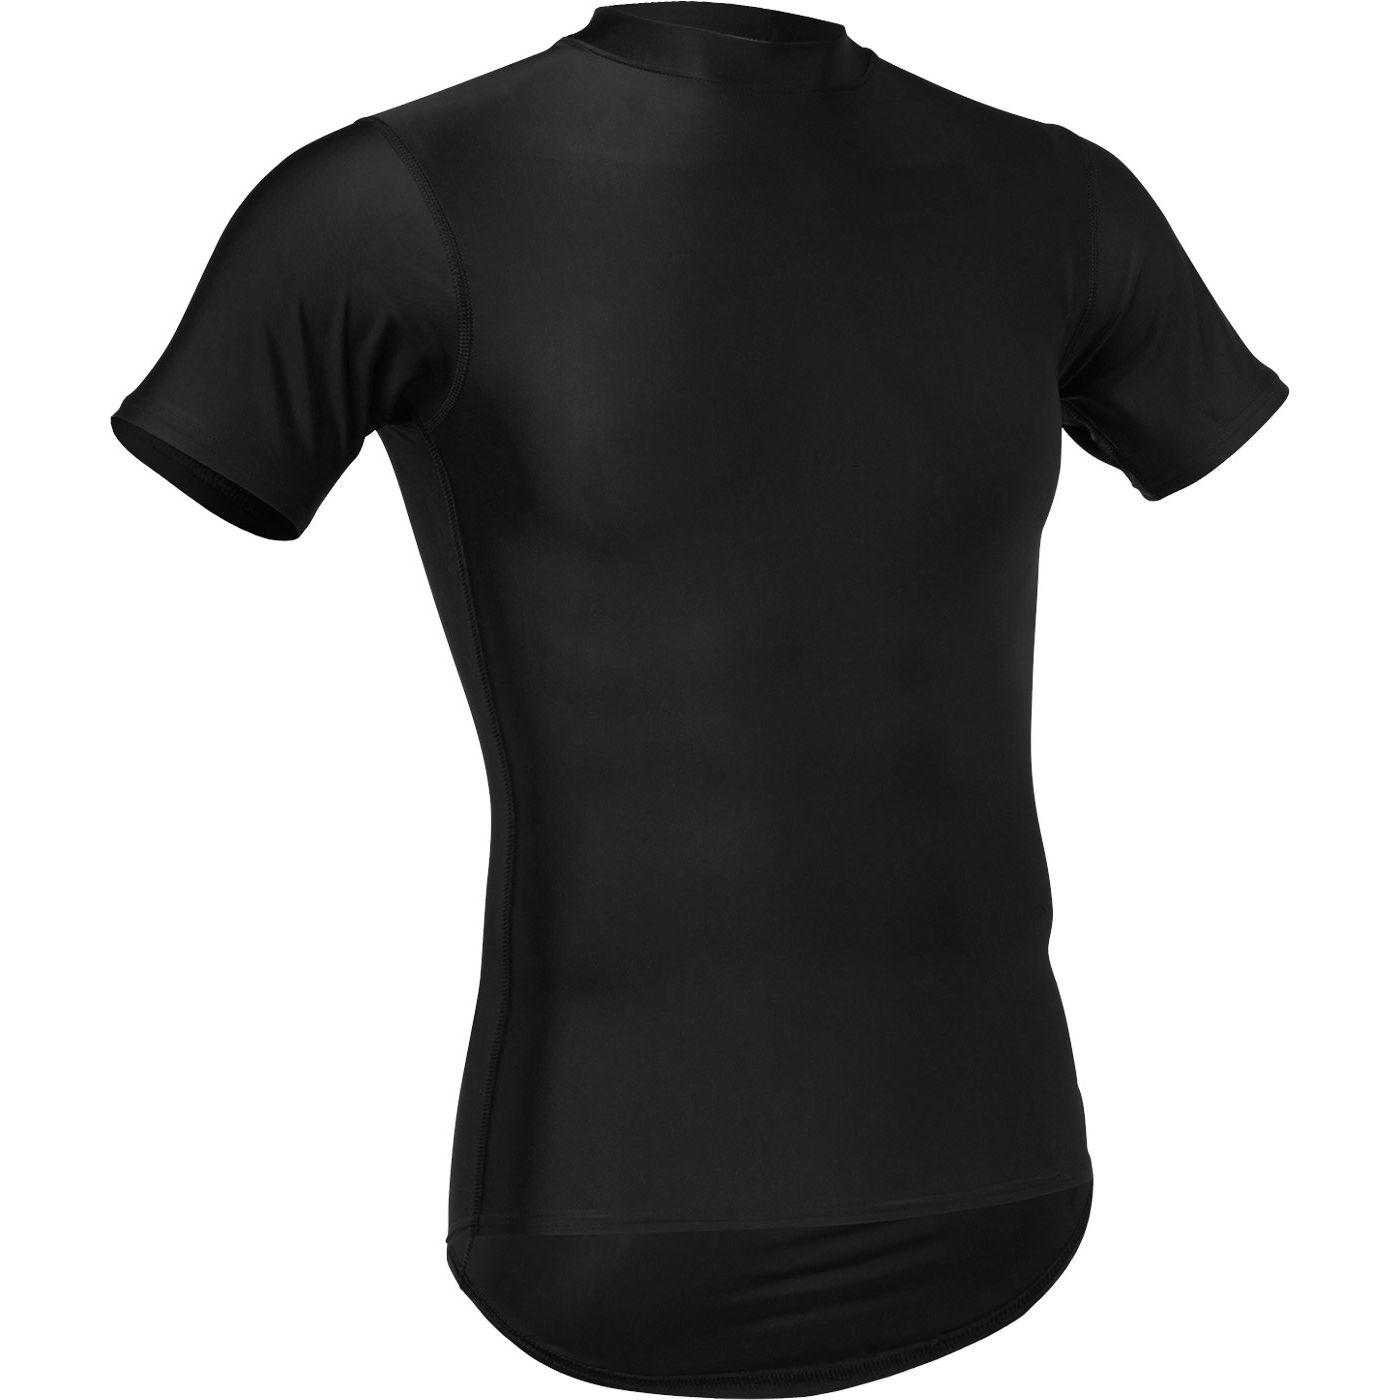 Cliff Keen Compression Gear Short Sleeve Shirt